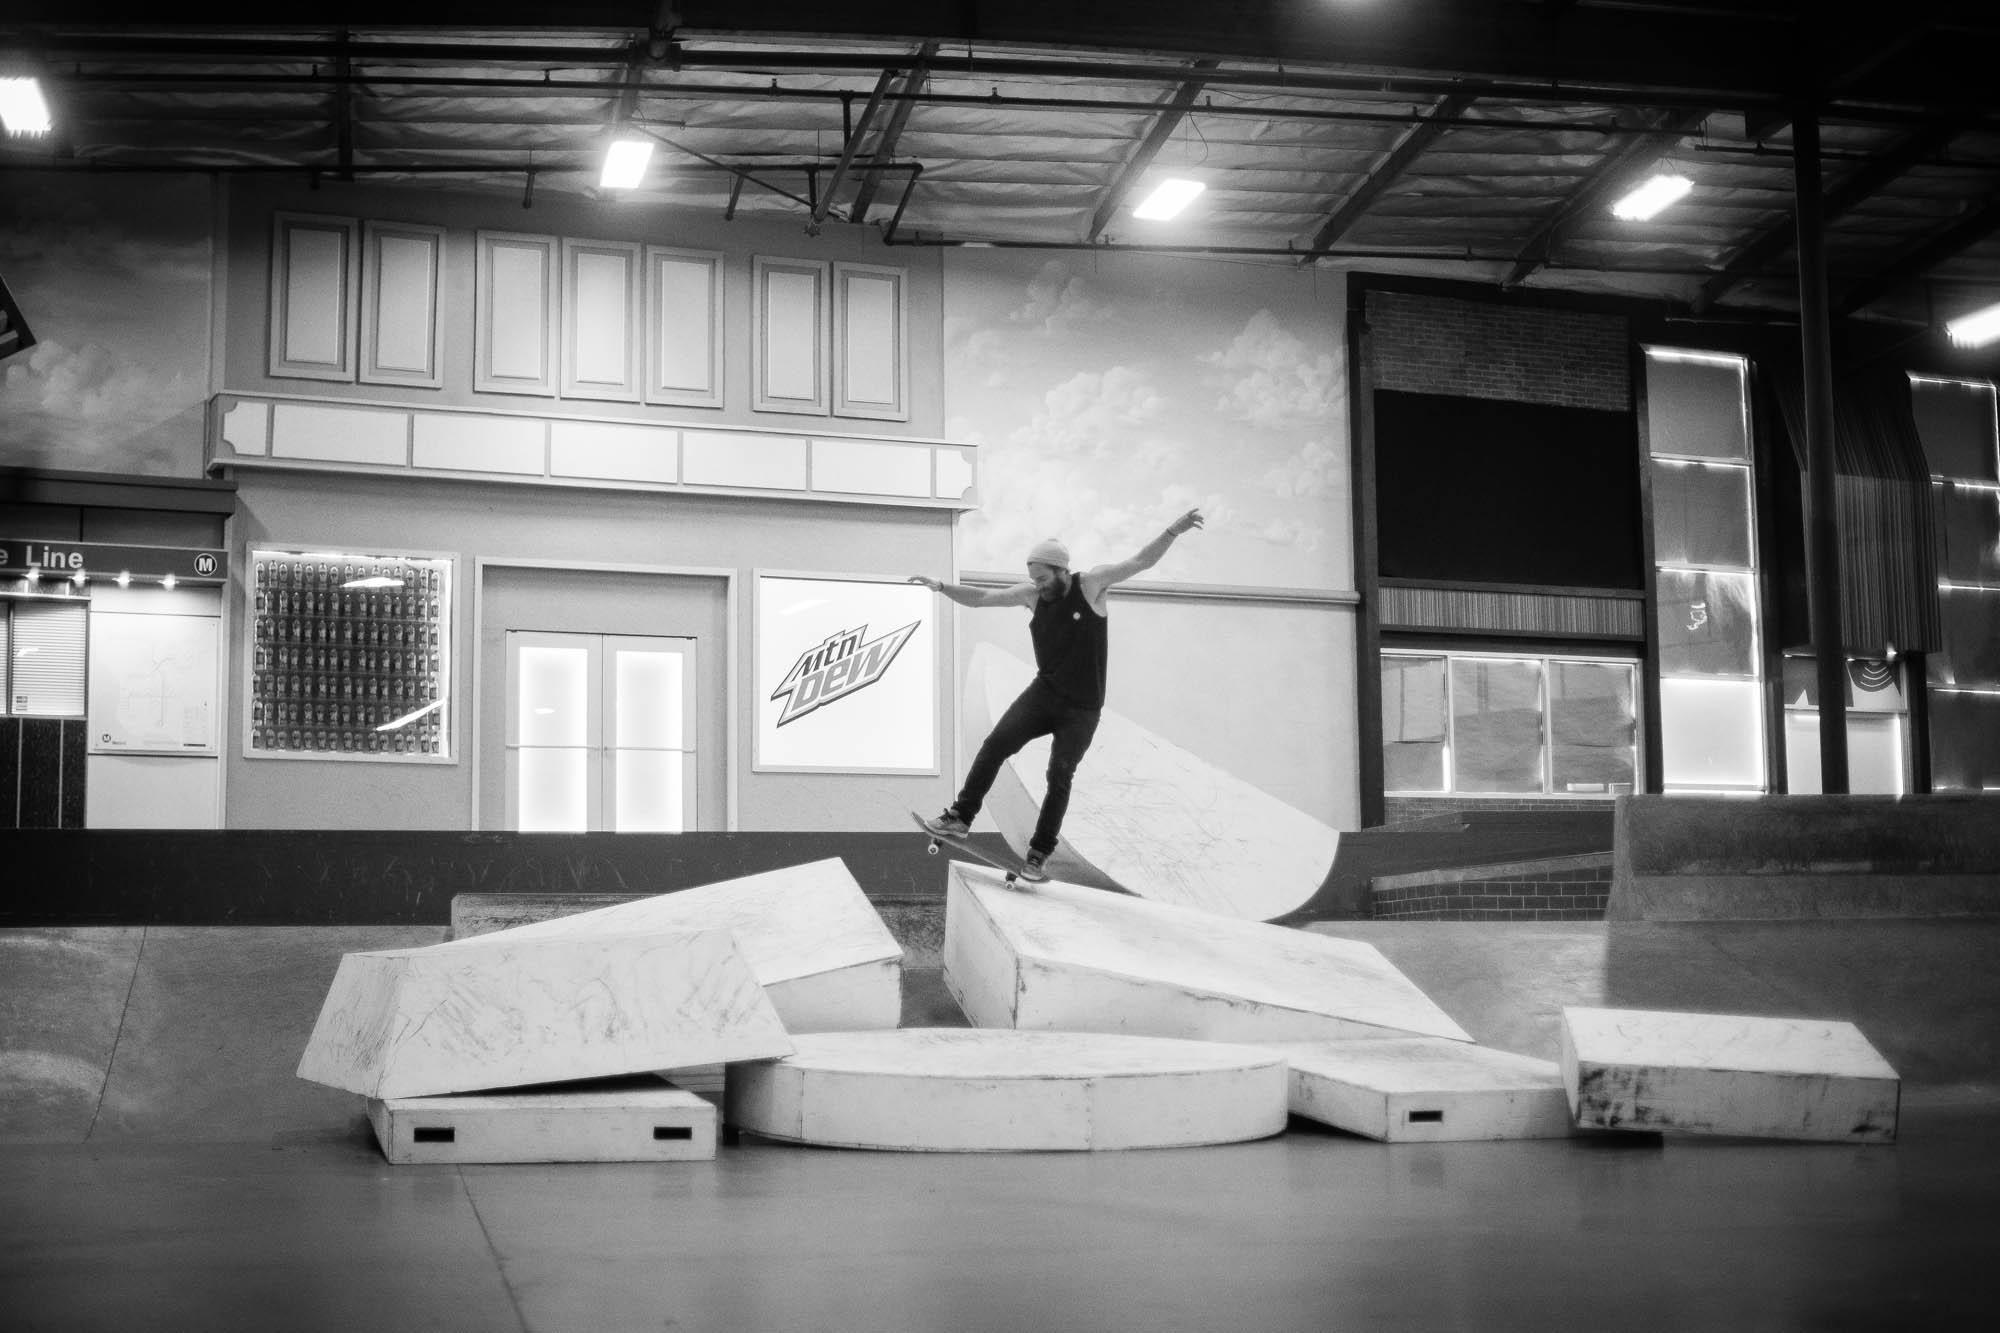 Almost_Skateboards_Chris_Haslam_2up_winner7.jpg